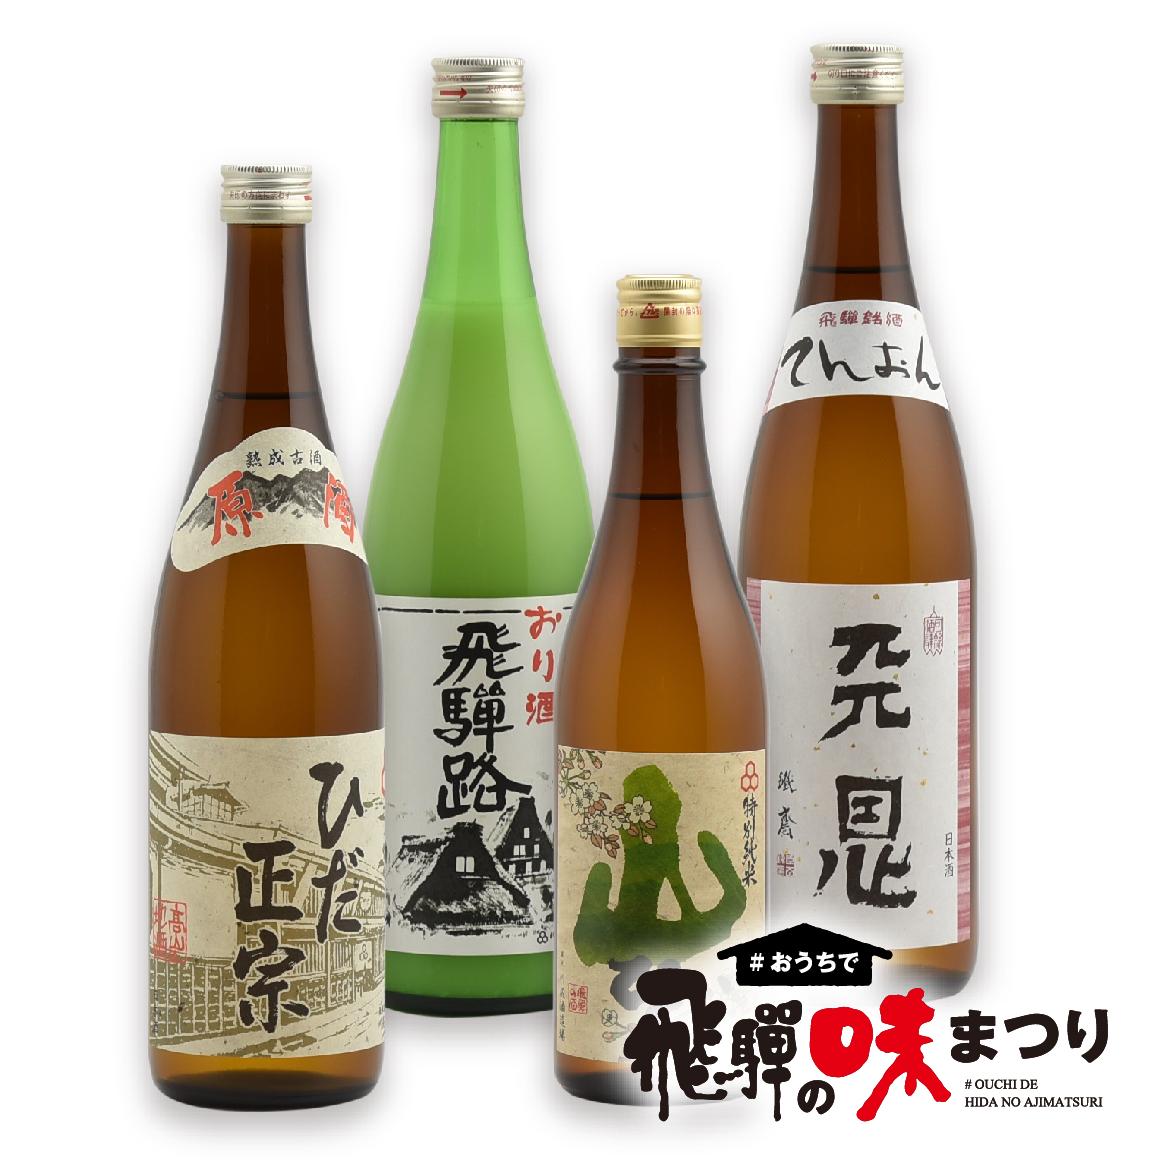 川尻酒造場の商品画像